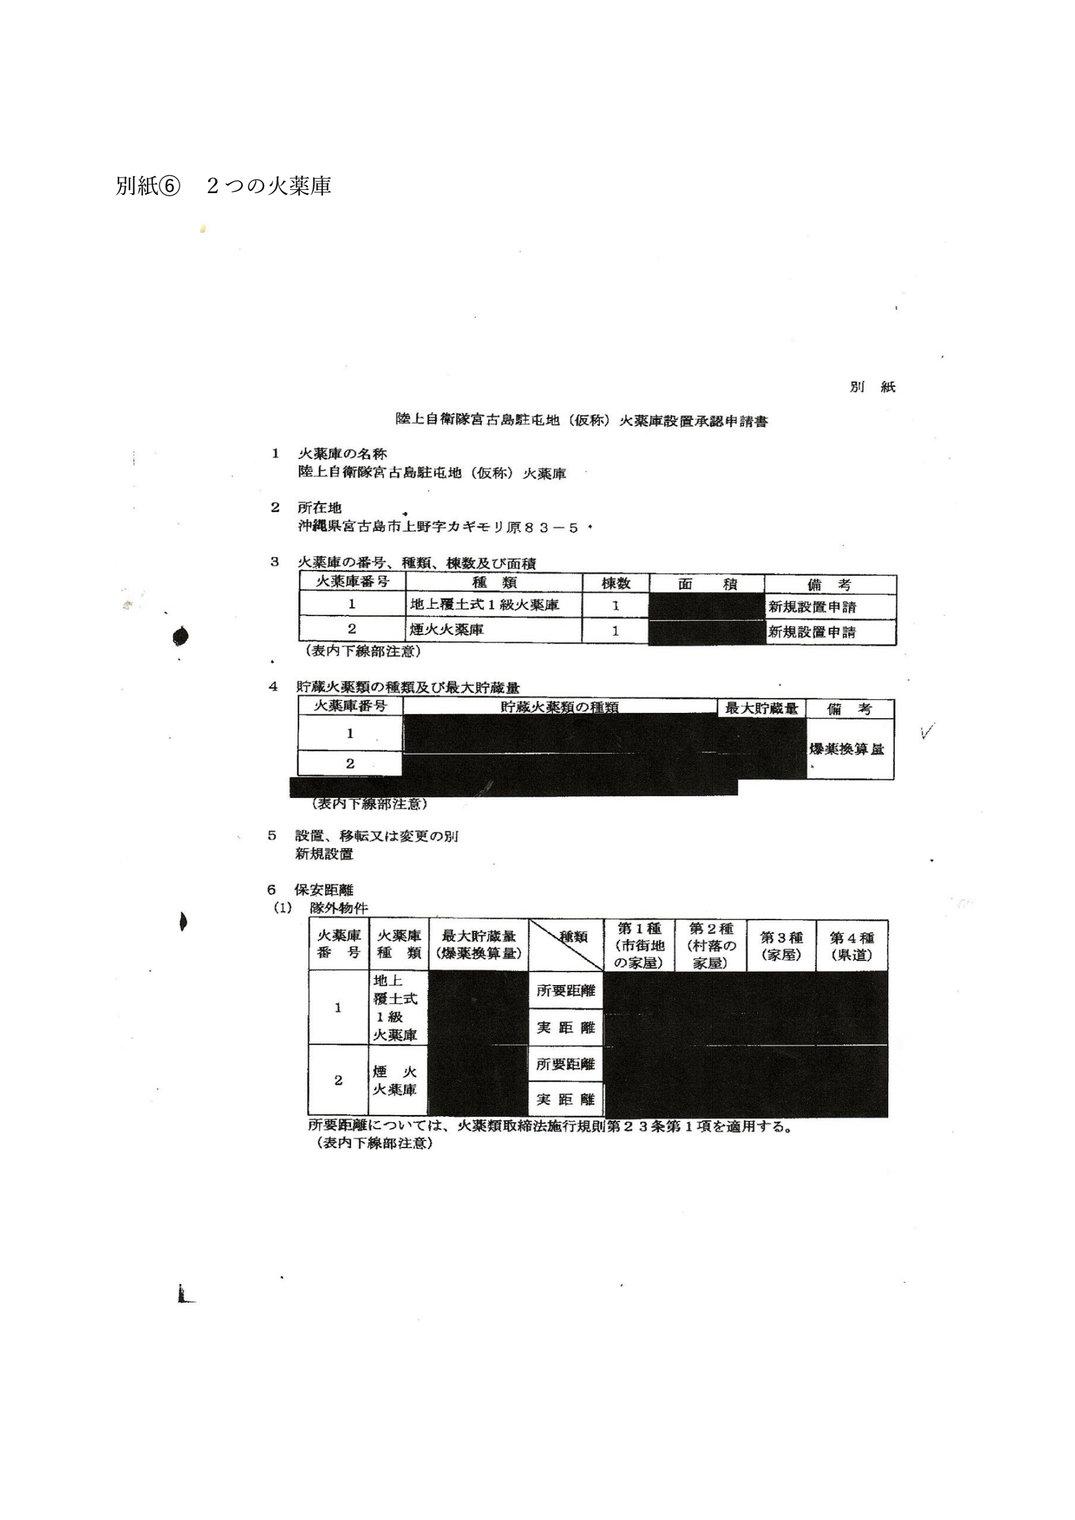 別紙⑥ 2つの弾薬庫